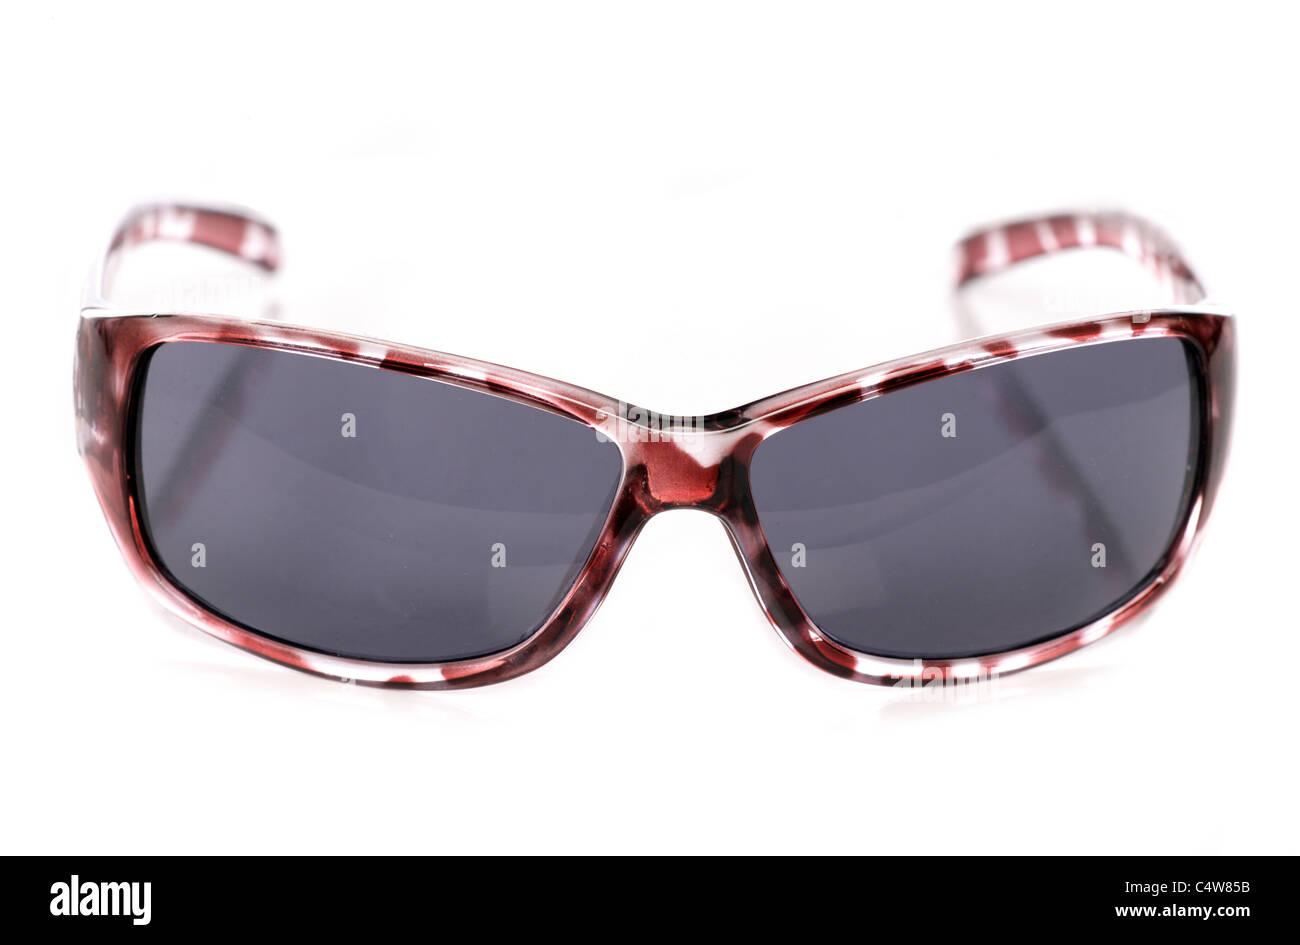 Womens sunglasses isolé sur fond blanc Banque D'Images